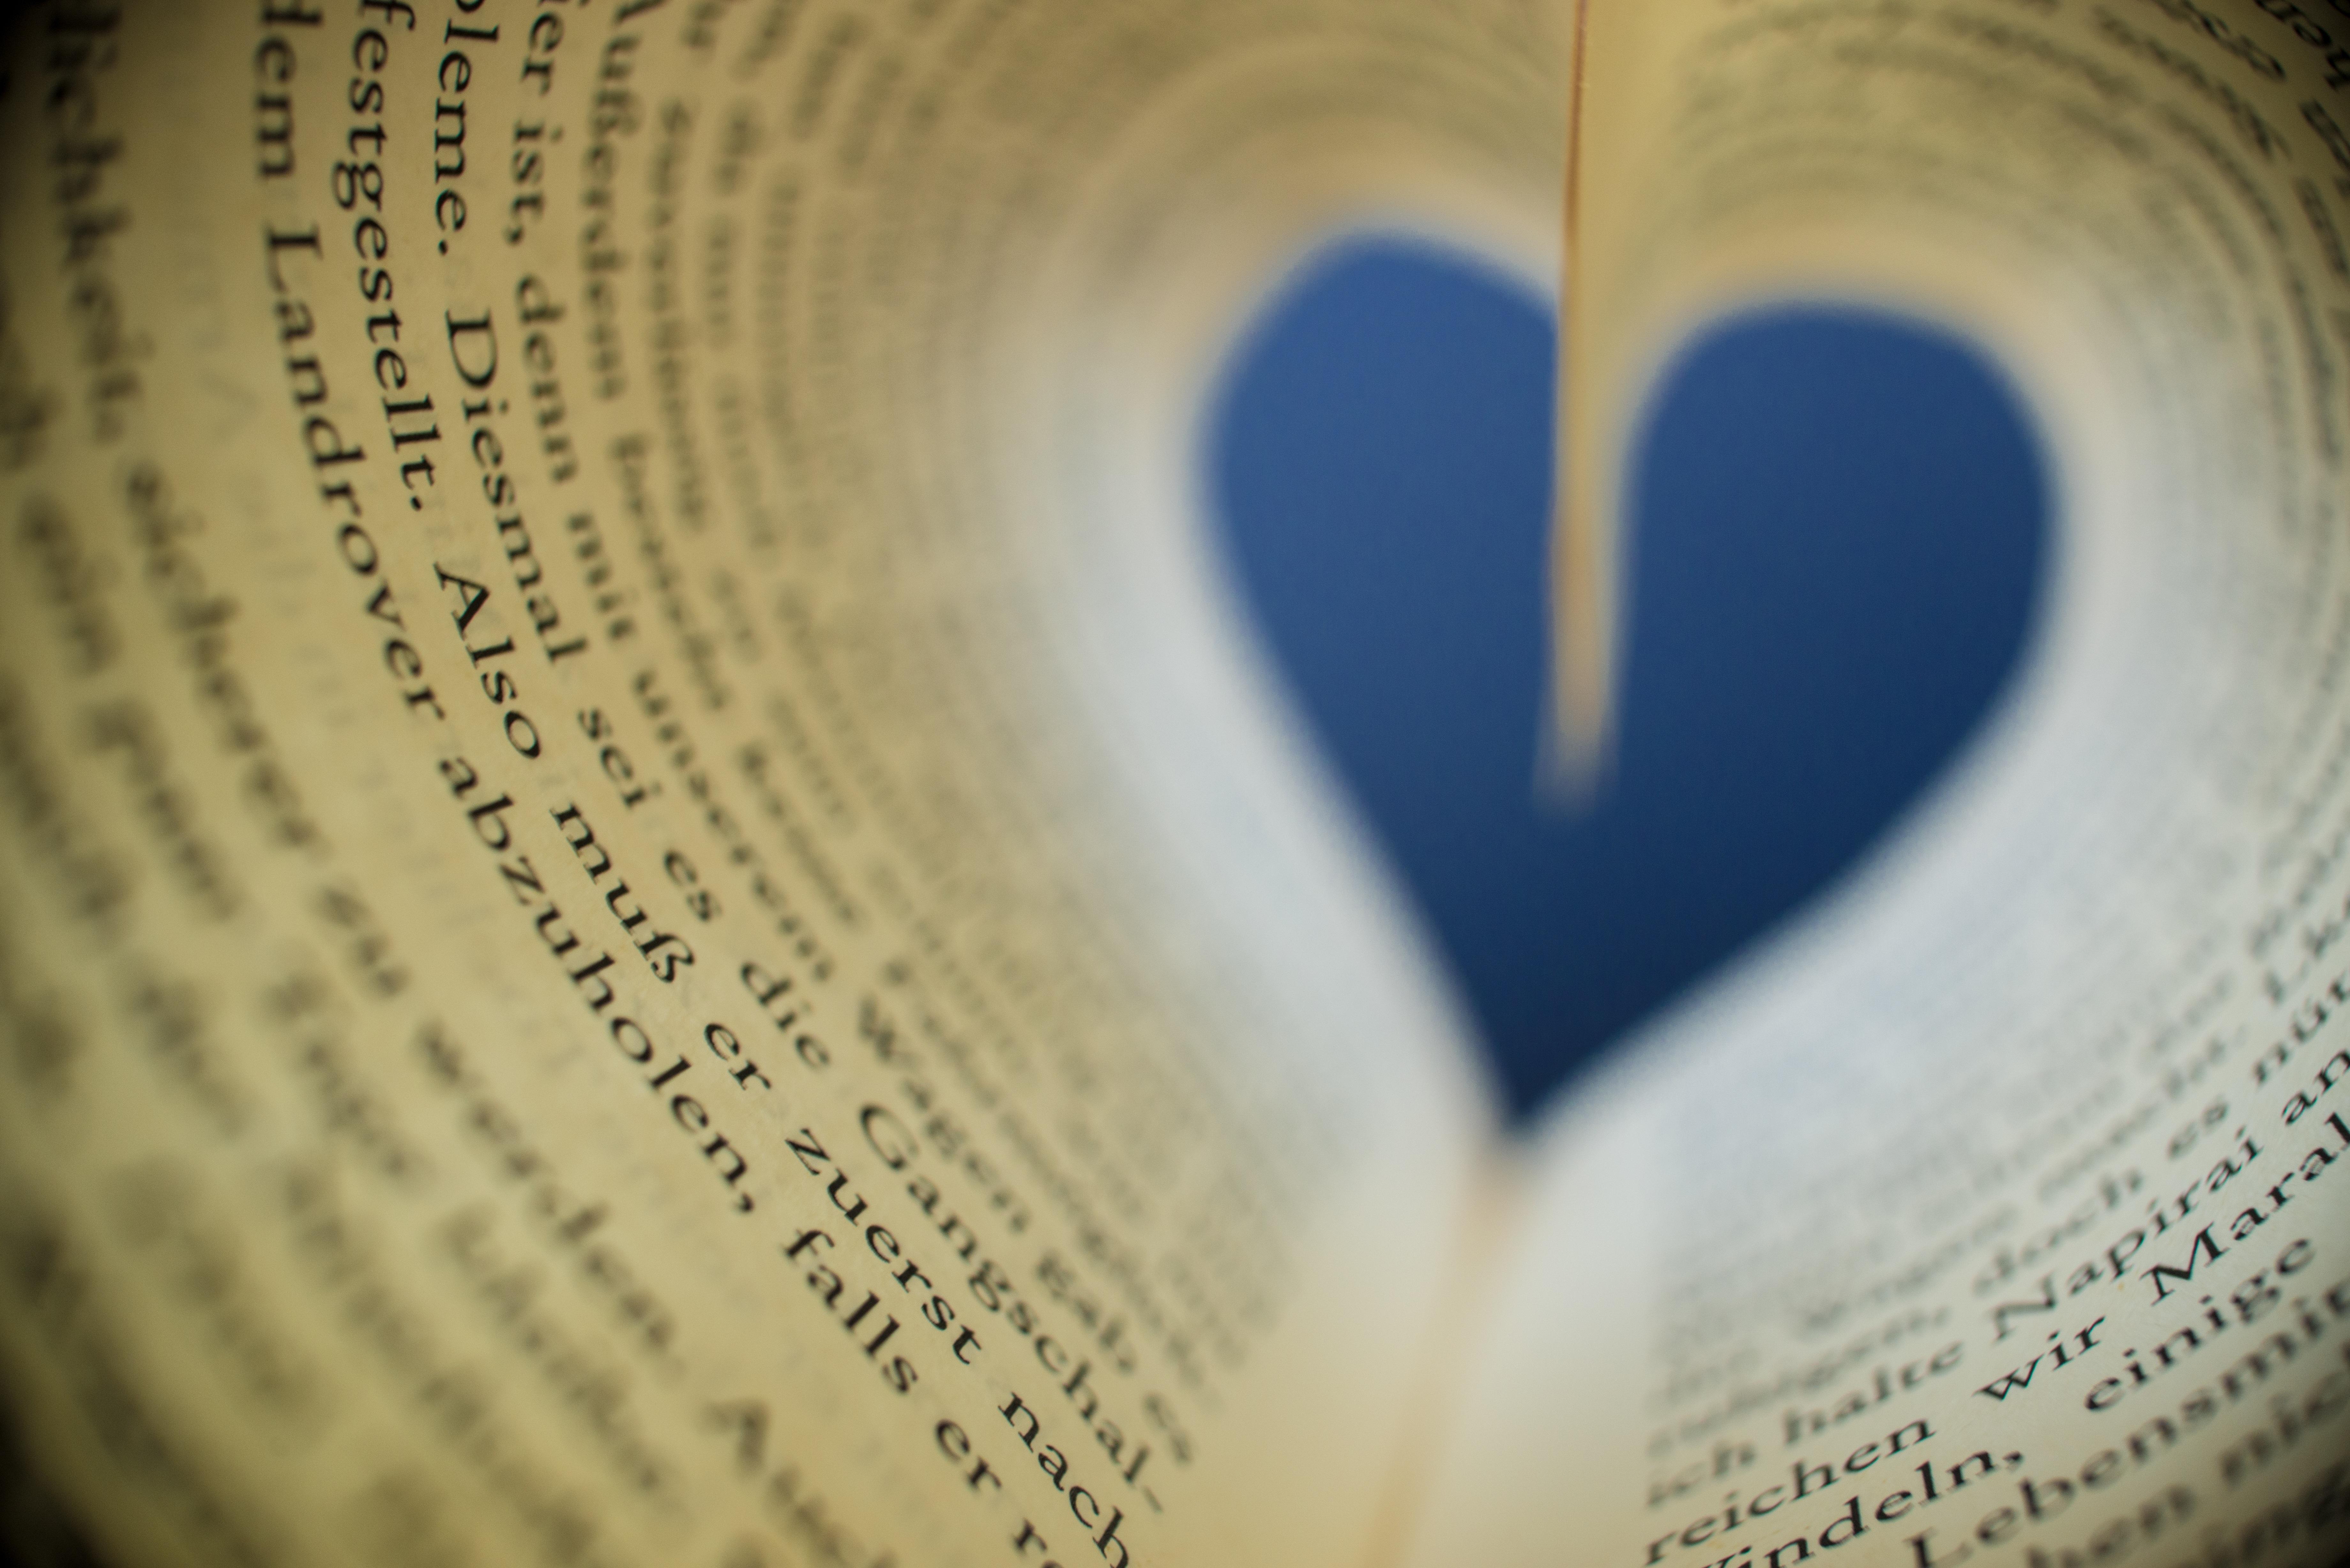 Fotos gratis : escritura, mano, libro, leer, blanco, fotografía ...